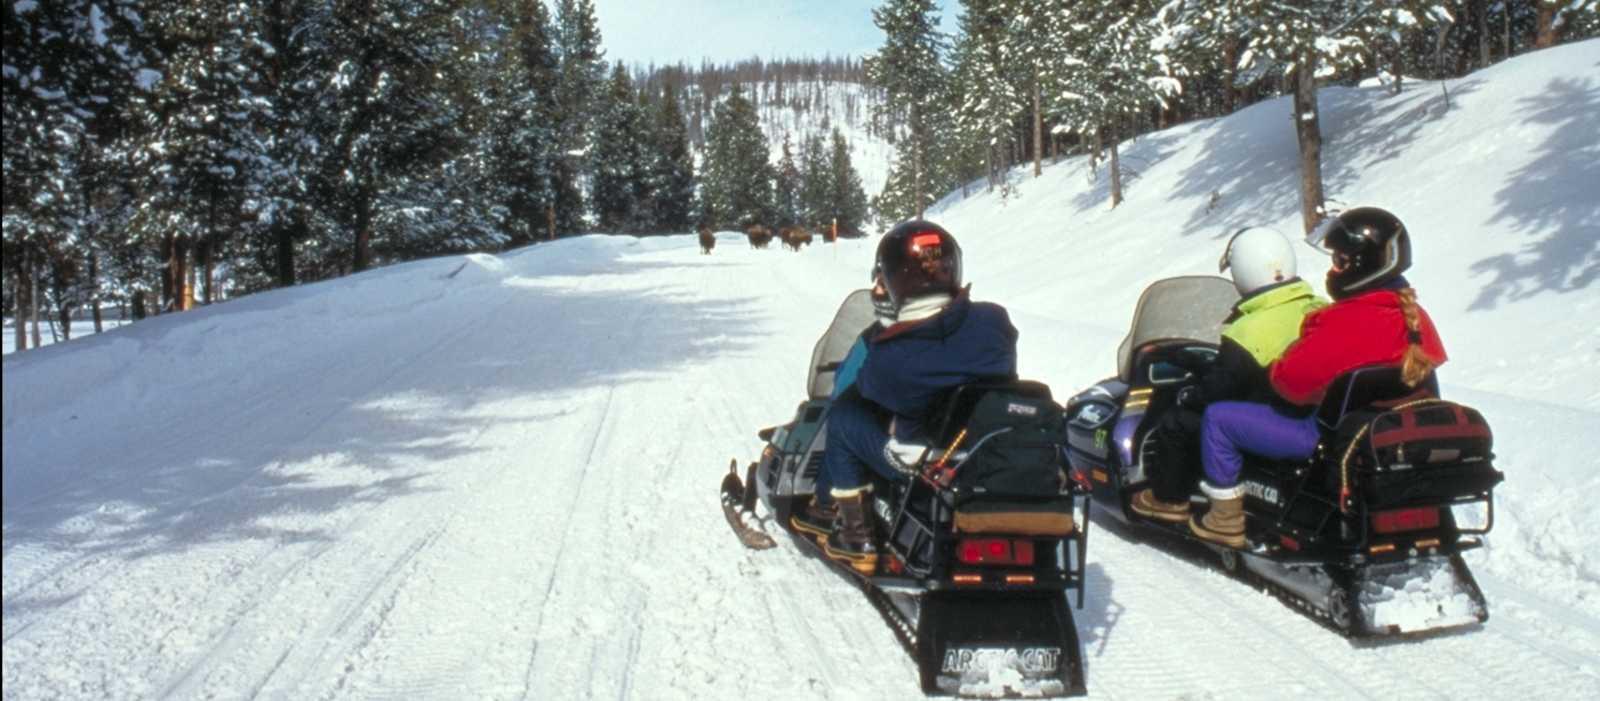 Die Schneemobil-Tour